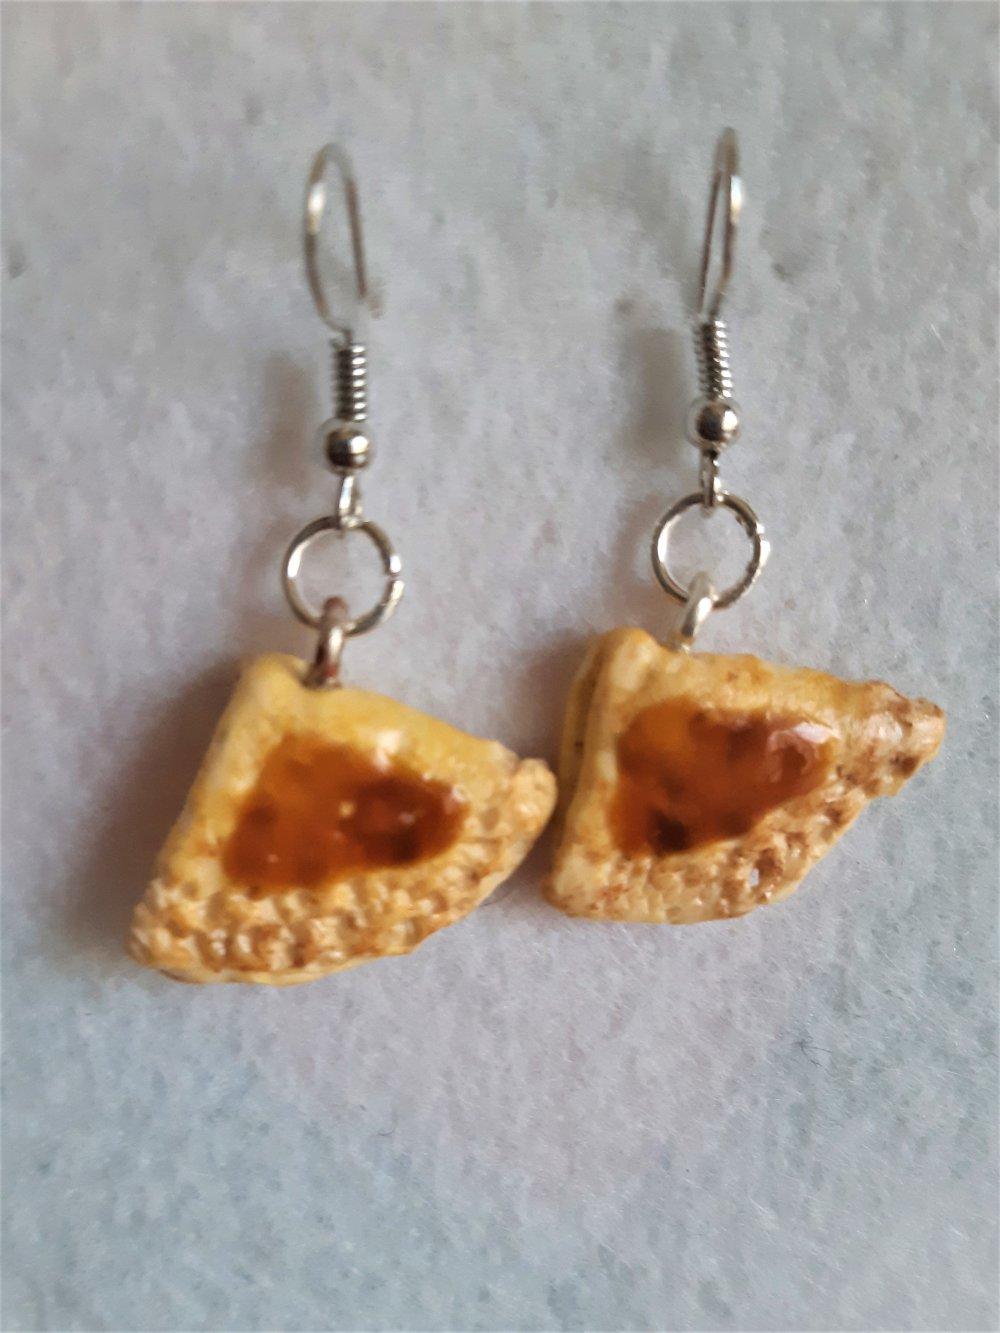 Boucle d'oreille crêpe nappée au caramel